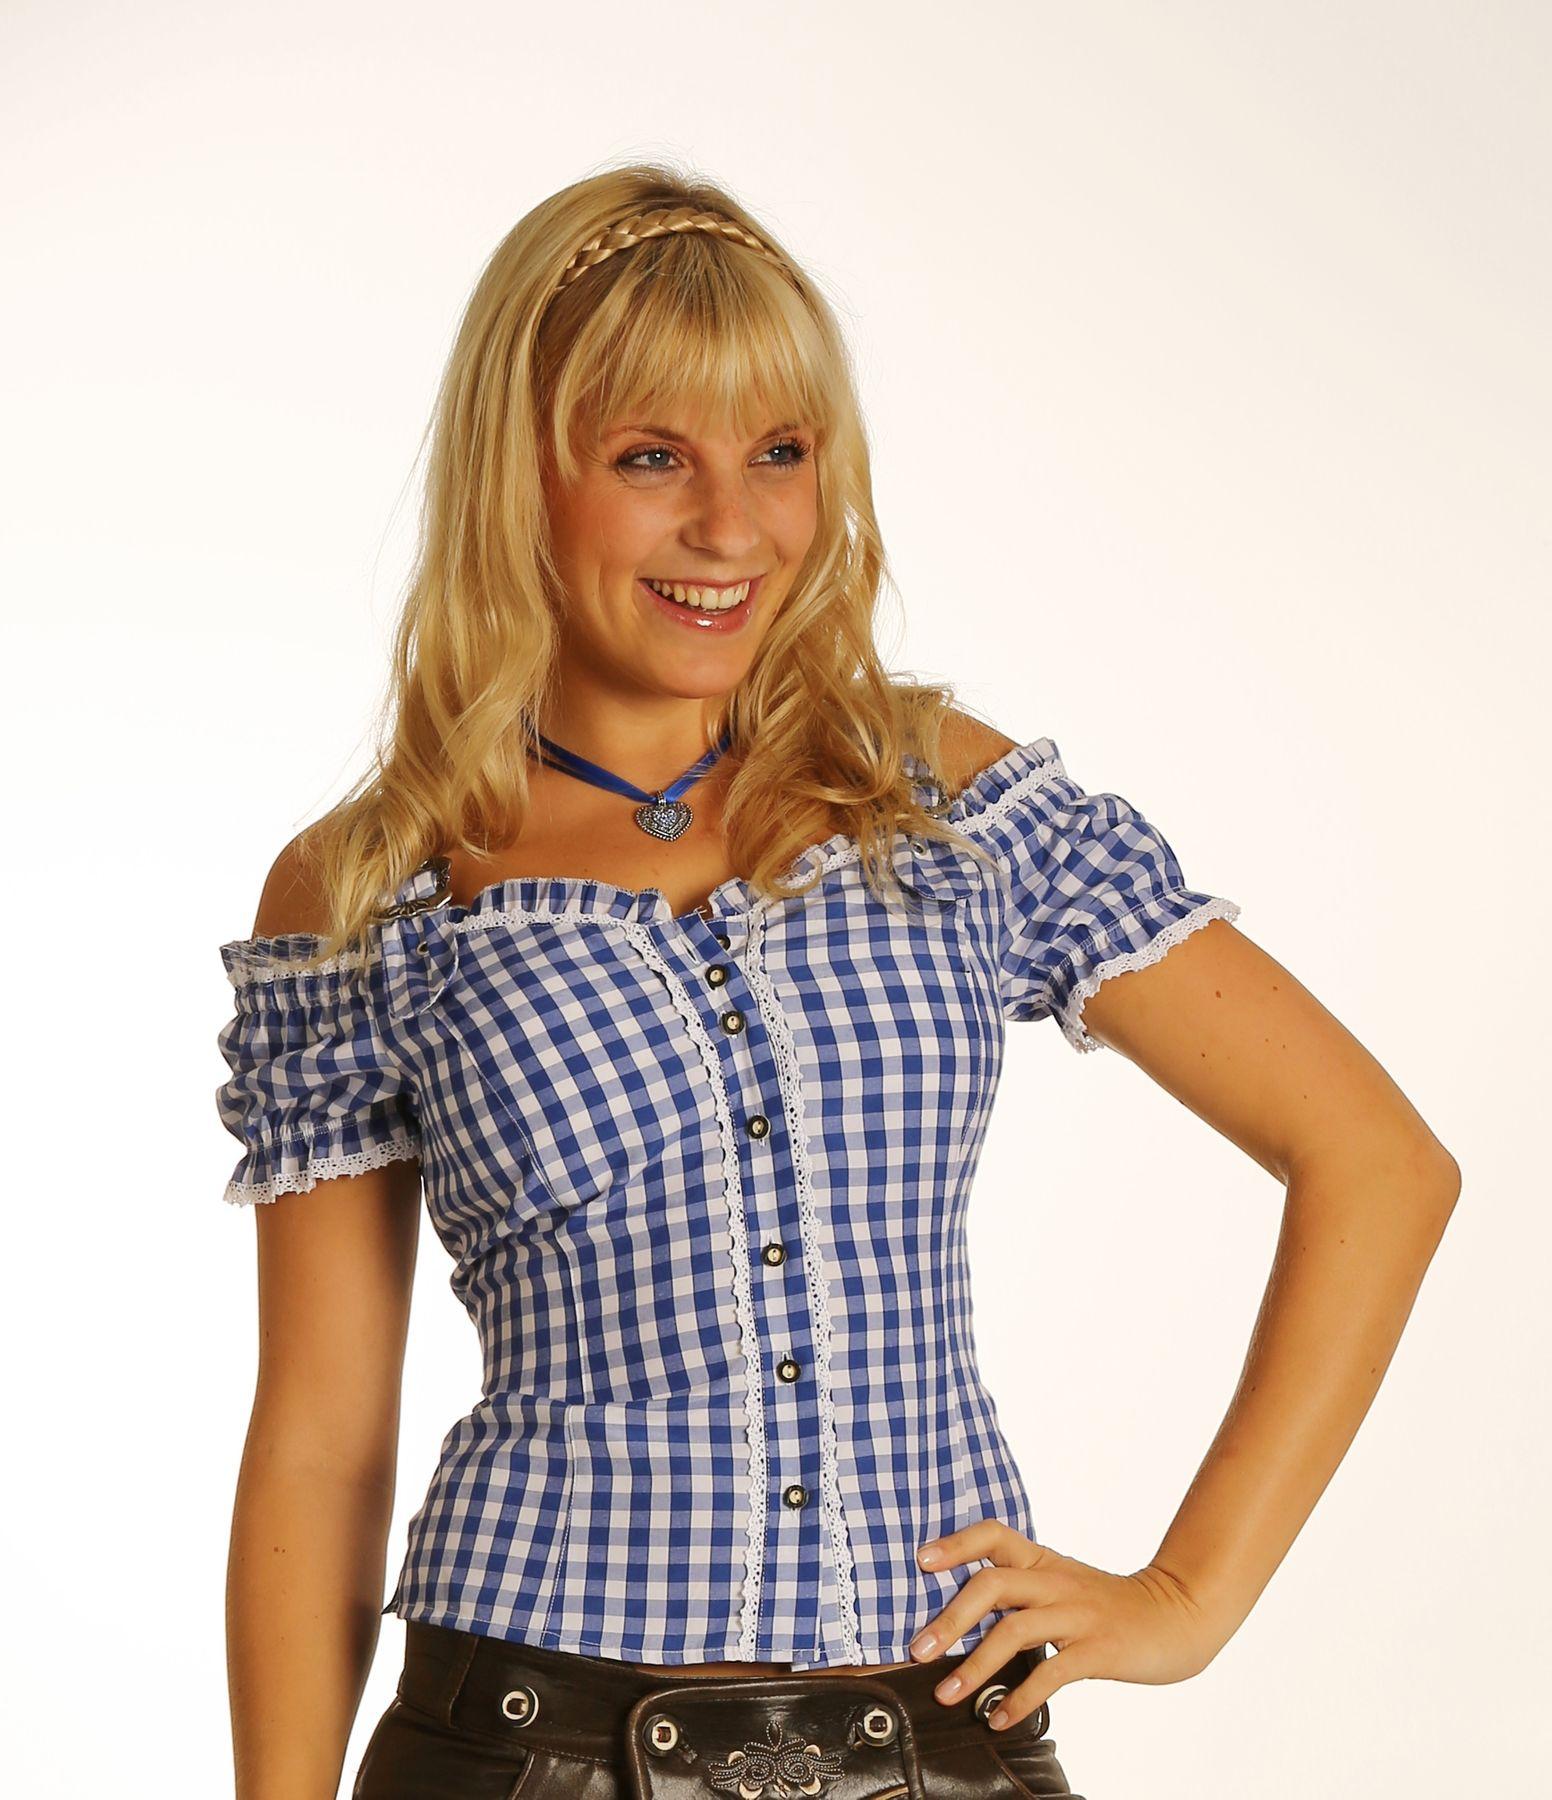 Fuchs Trachten - Damen Trachten Bluse in versch. Farben, (Artikelnummer: 4537) – Bild 8